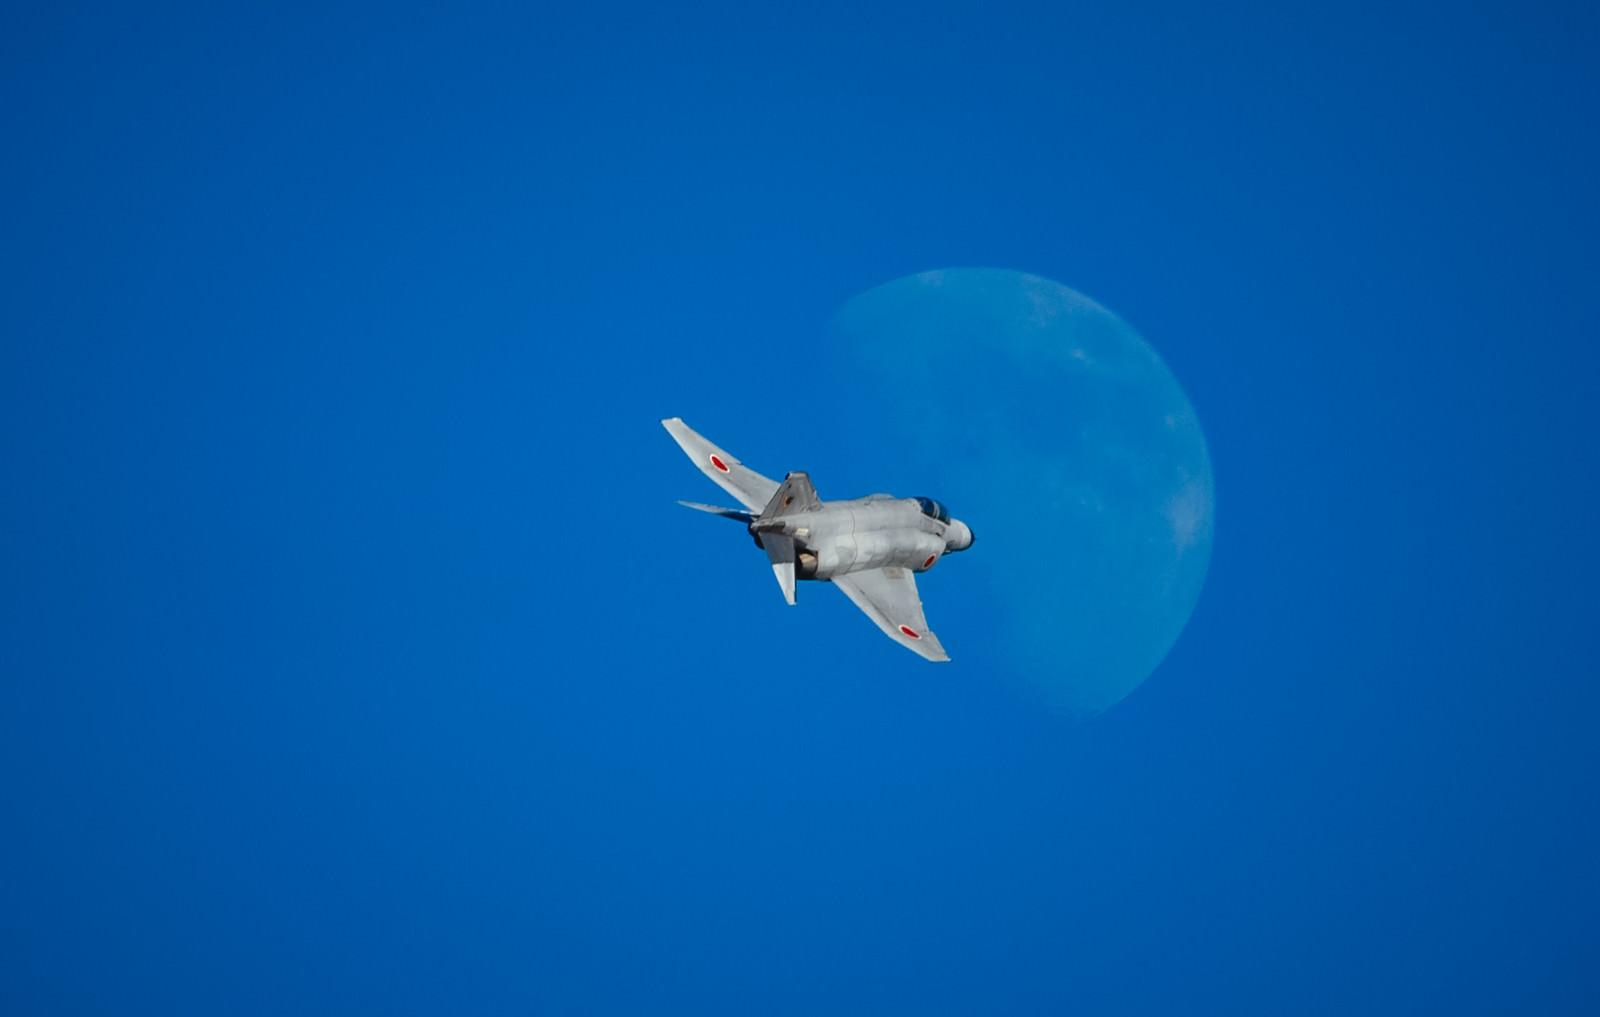 「月に向かって飛行するF-4戦闘機月に向かって飛行するF-4戦闘機」のフリー写真素材を拡大